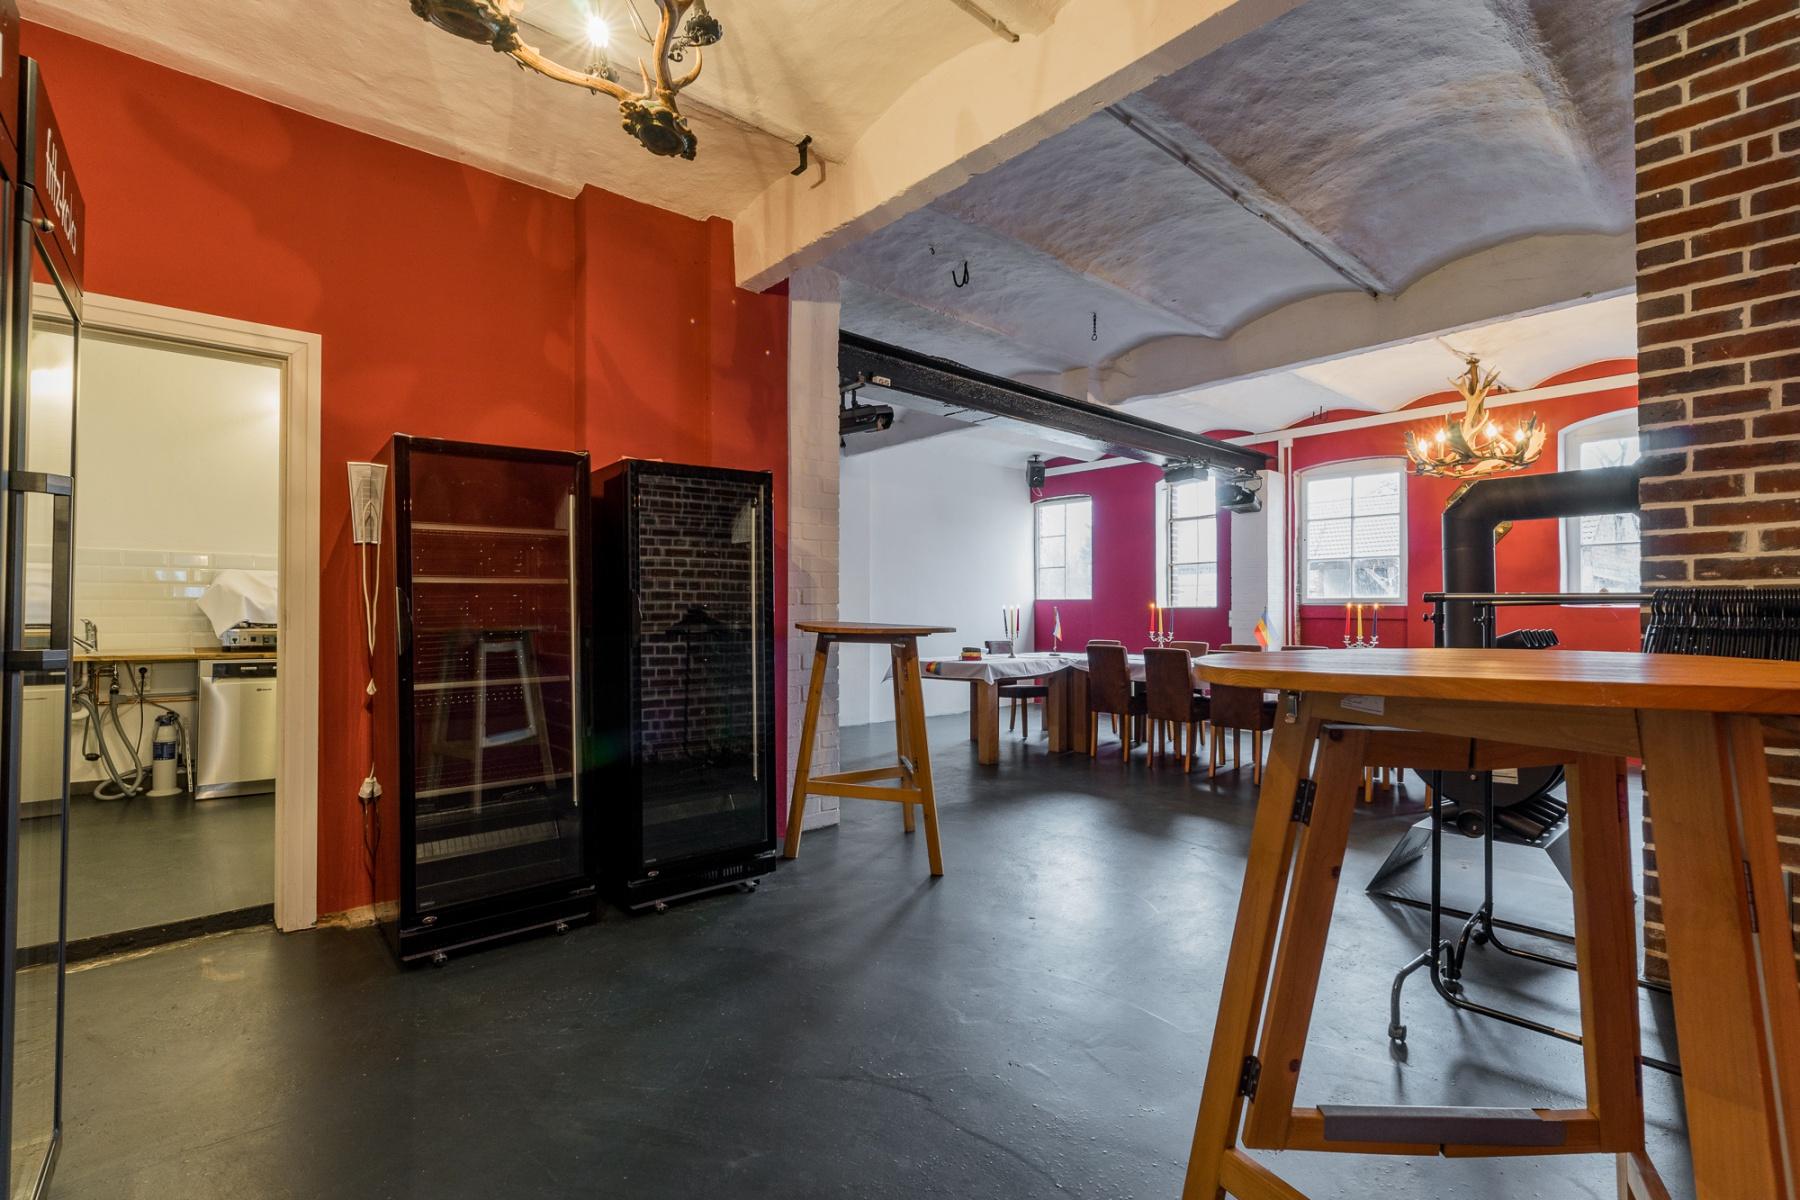 kleiner Raum mit Küche